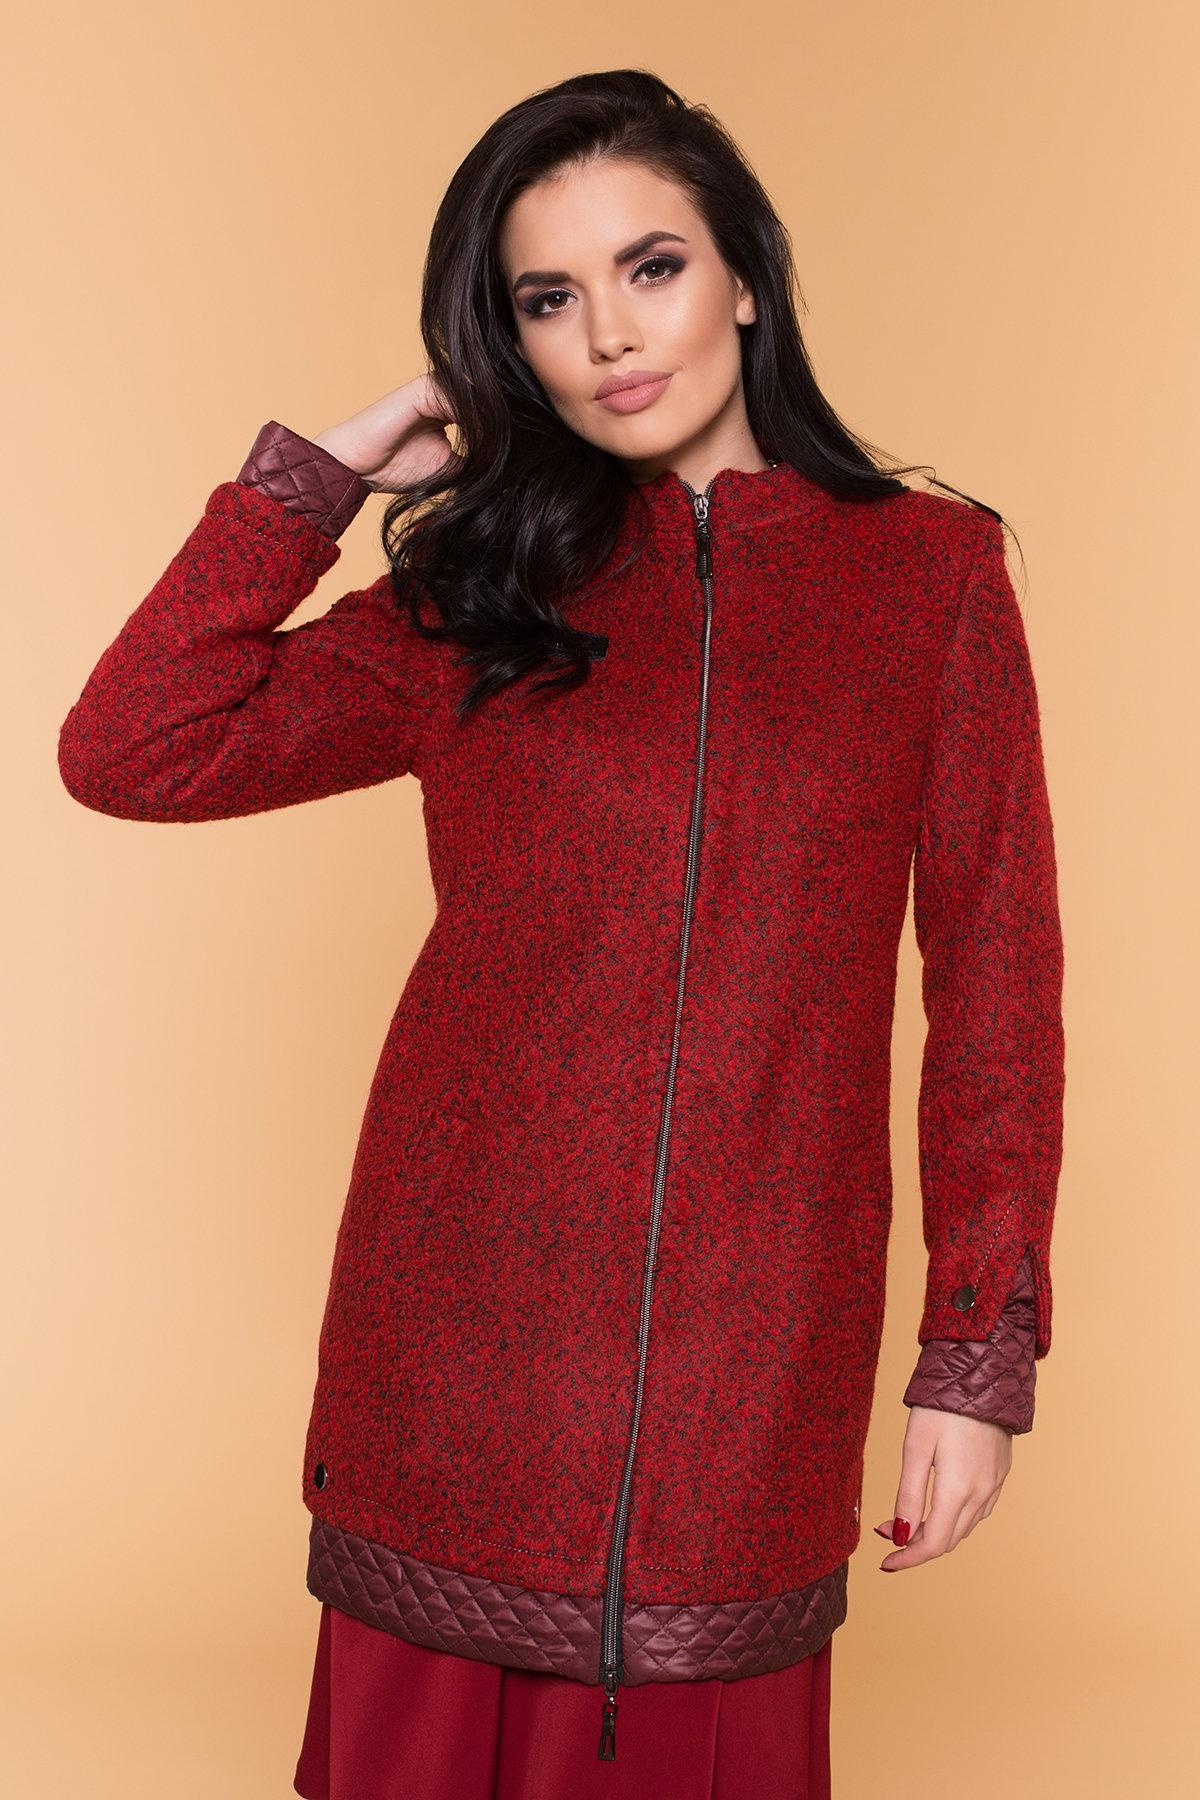 Пальто Амберг 1450  АРТ. 9183 Цвет: Красный/черный/бордо - фото 4, интернет магазин tm-modus.ru